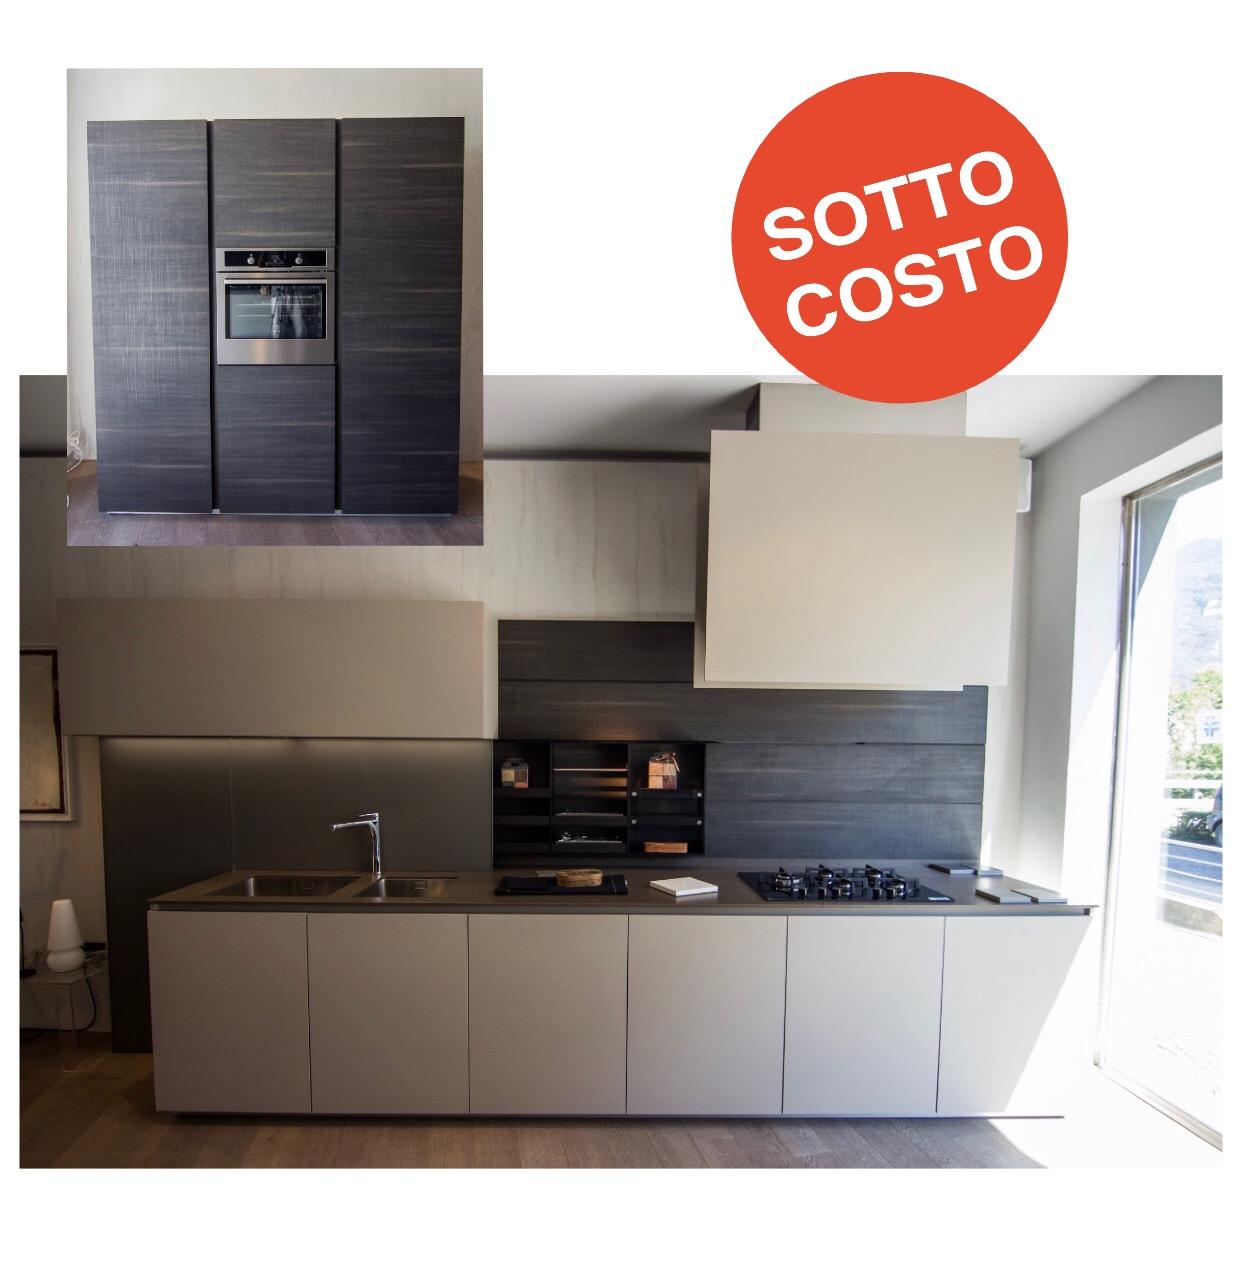 Cucine modulnova prezzi cucine modulnova awesome cucine modulnova outlet home design ideas with - Cucine arrex opinioni ...